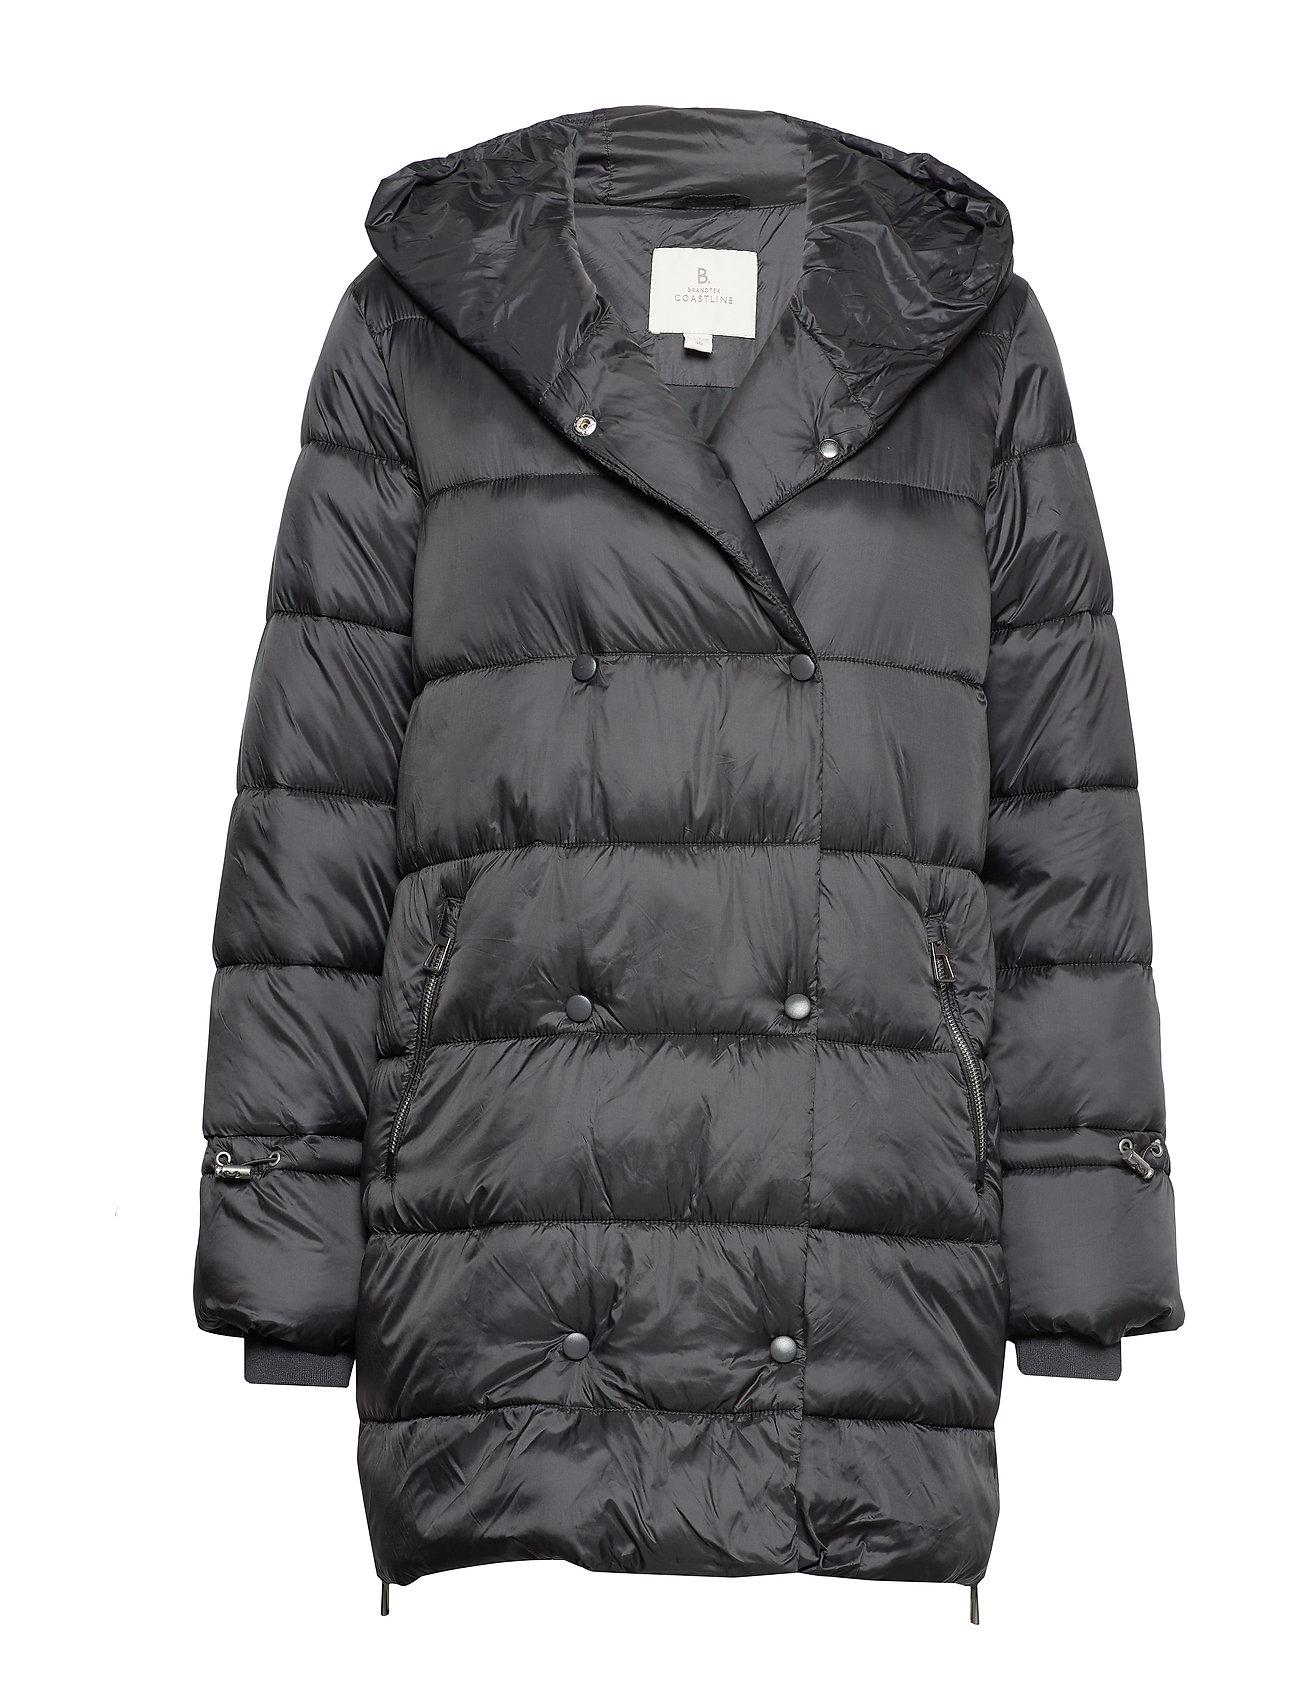 Brandtex Jacket Outerwear Heavy - RAVEN